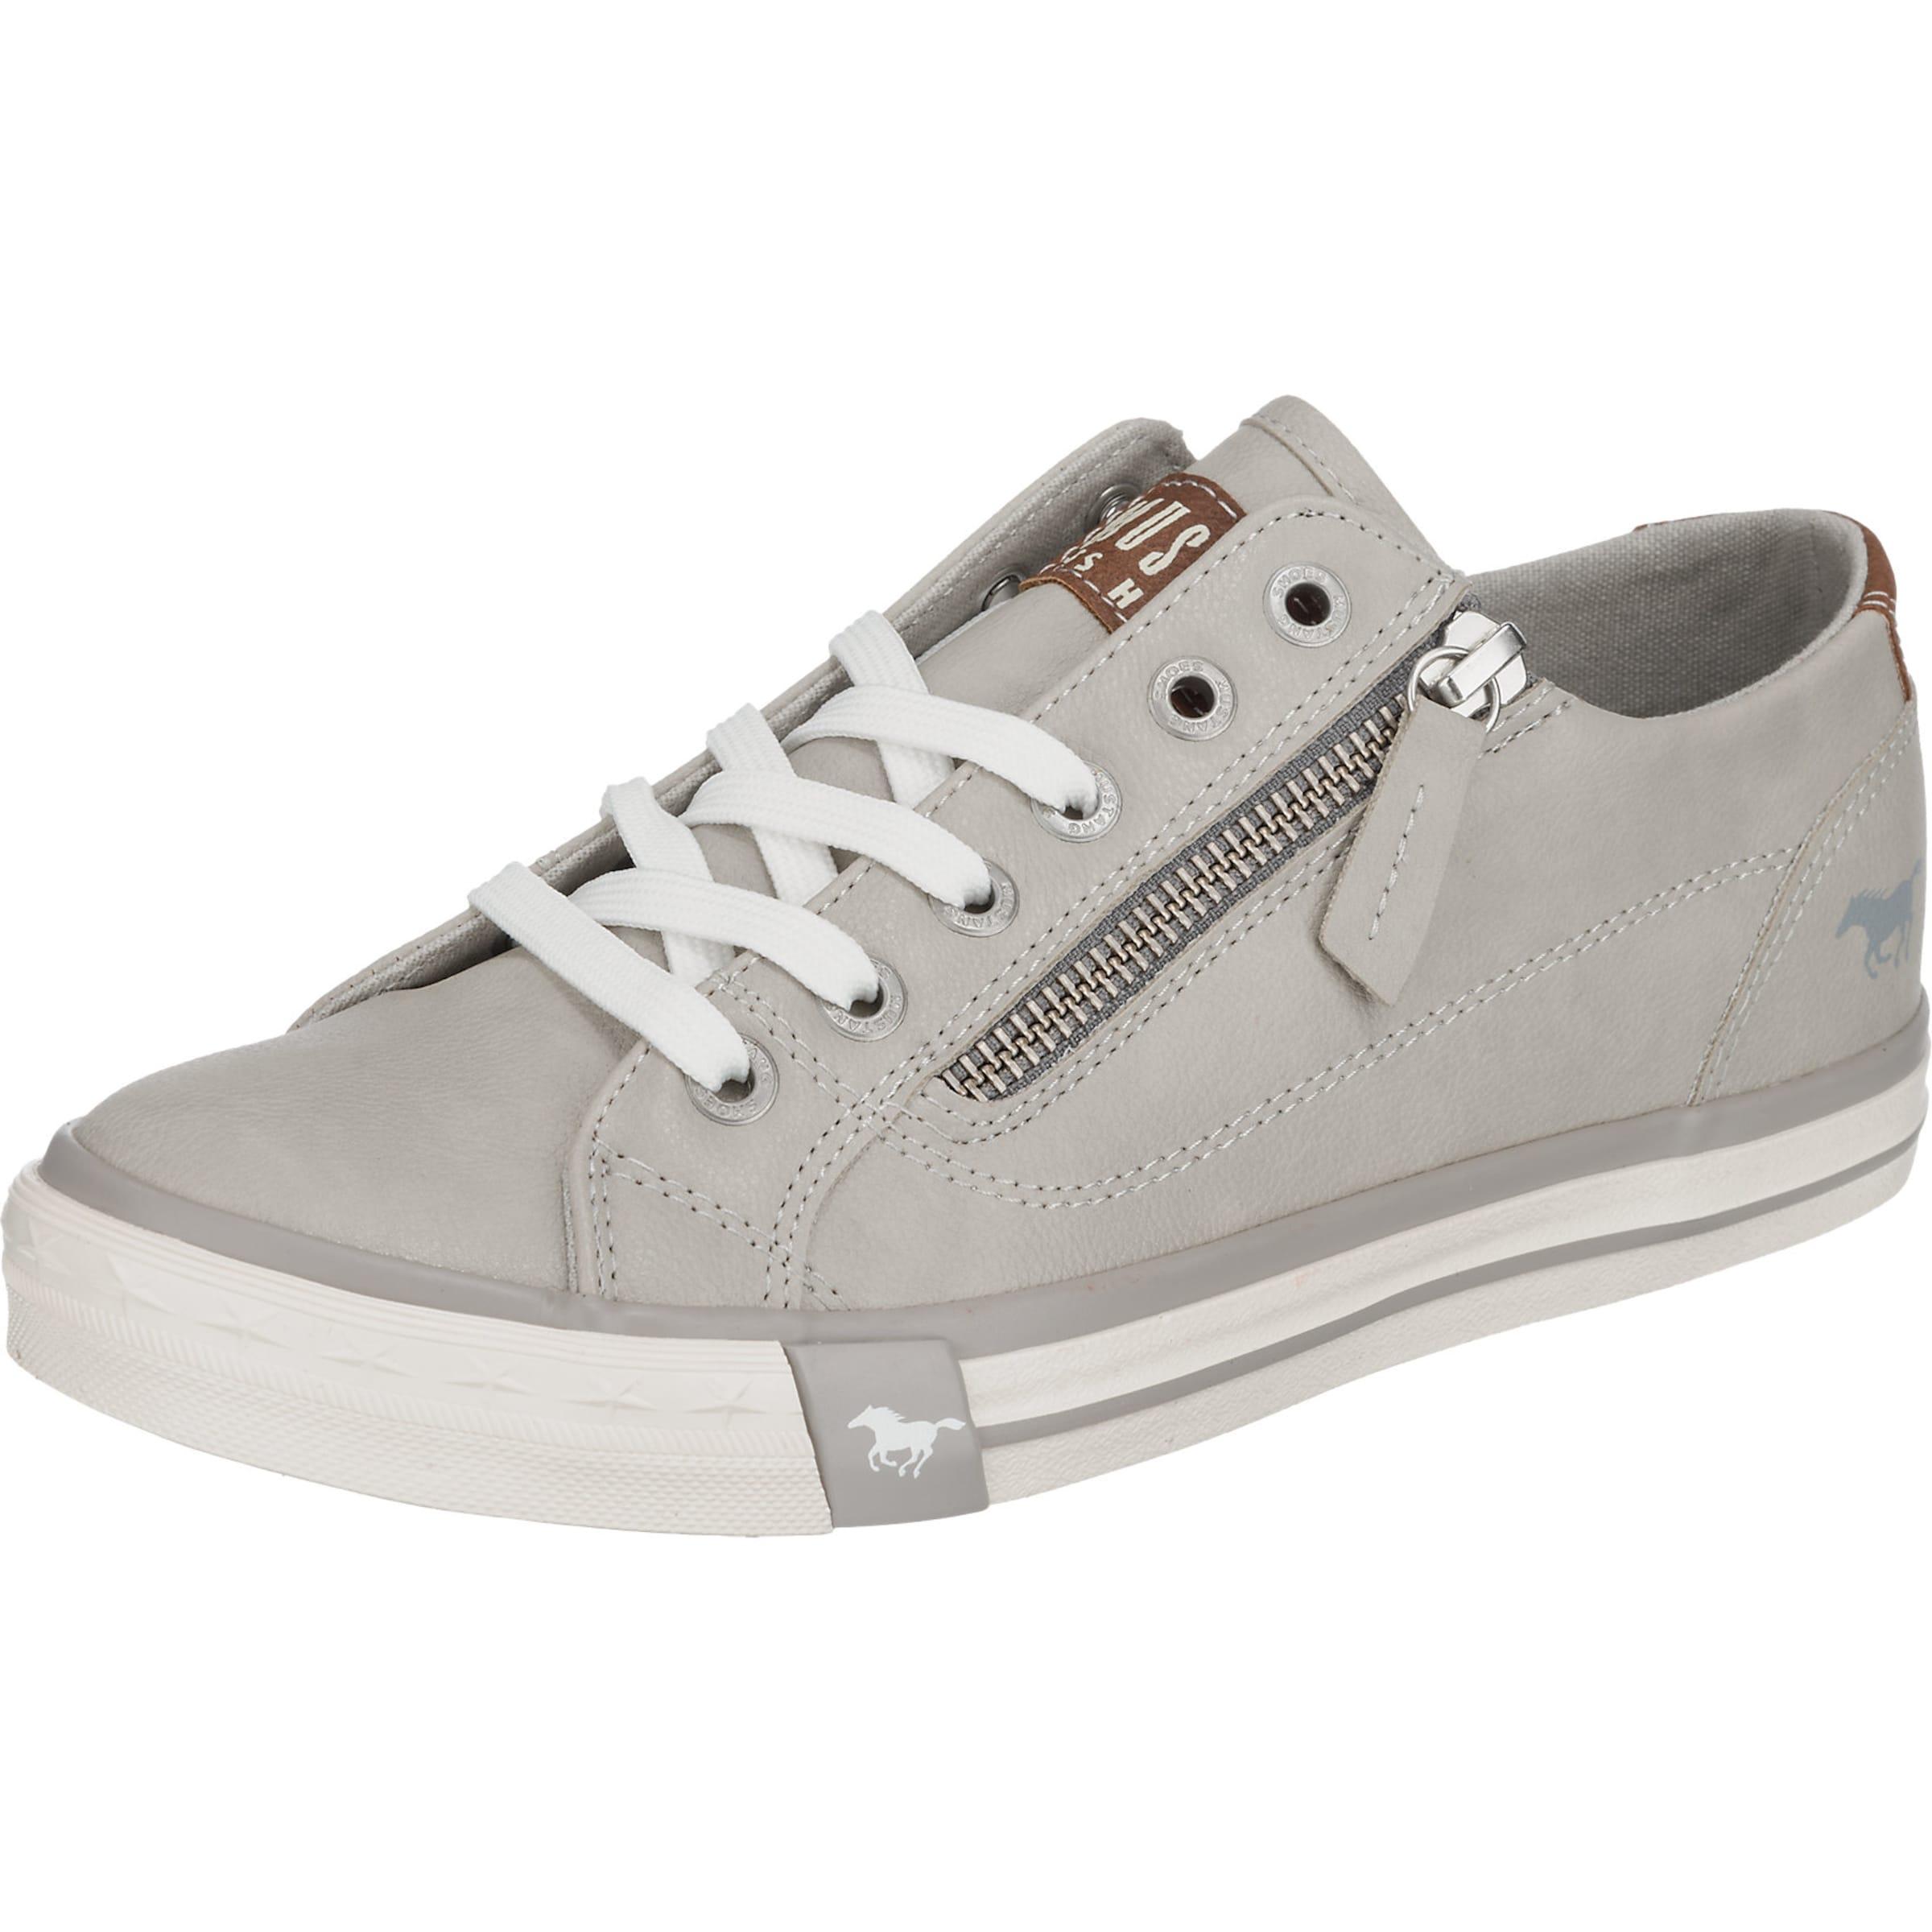 MUSTANG Schnürer Verschleißfeste billige Schuhe Hohe Qualität